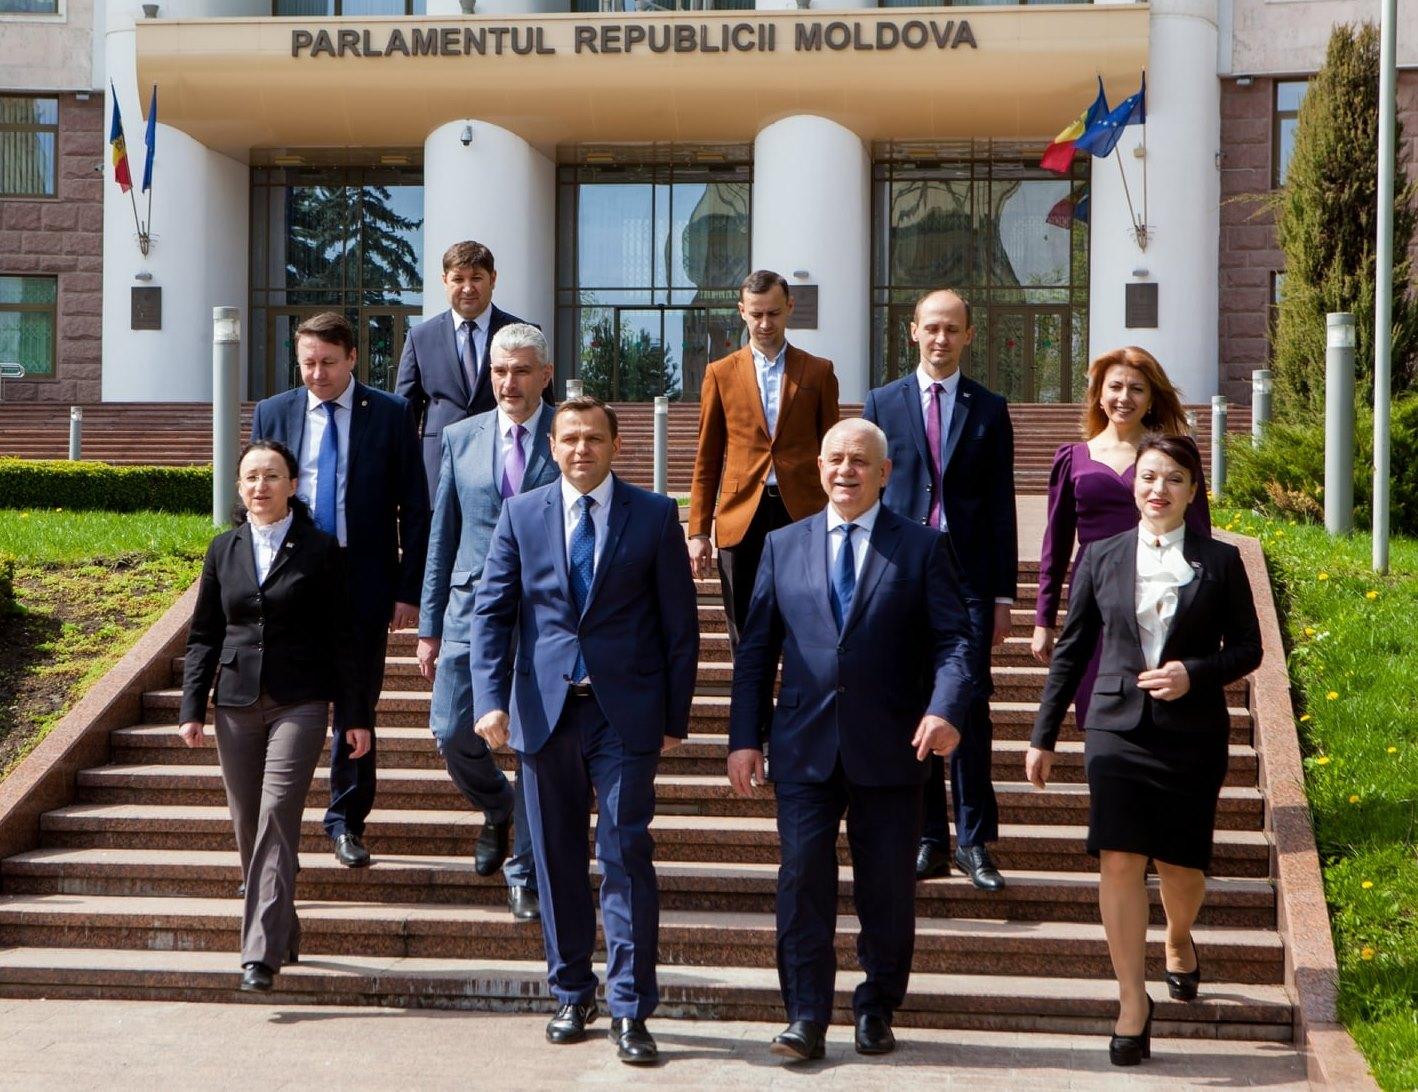 Руководство ППДП во главе с Нэстасе ушло в отставку